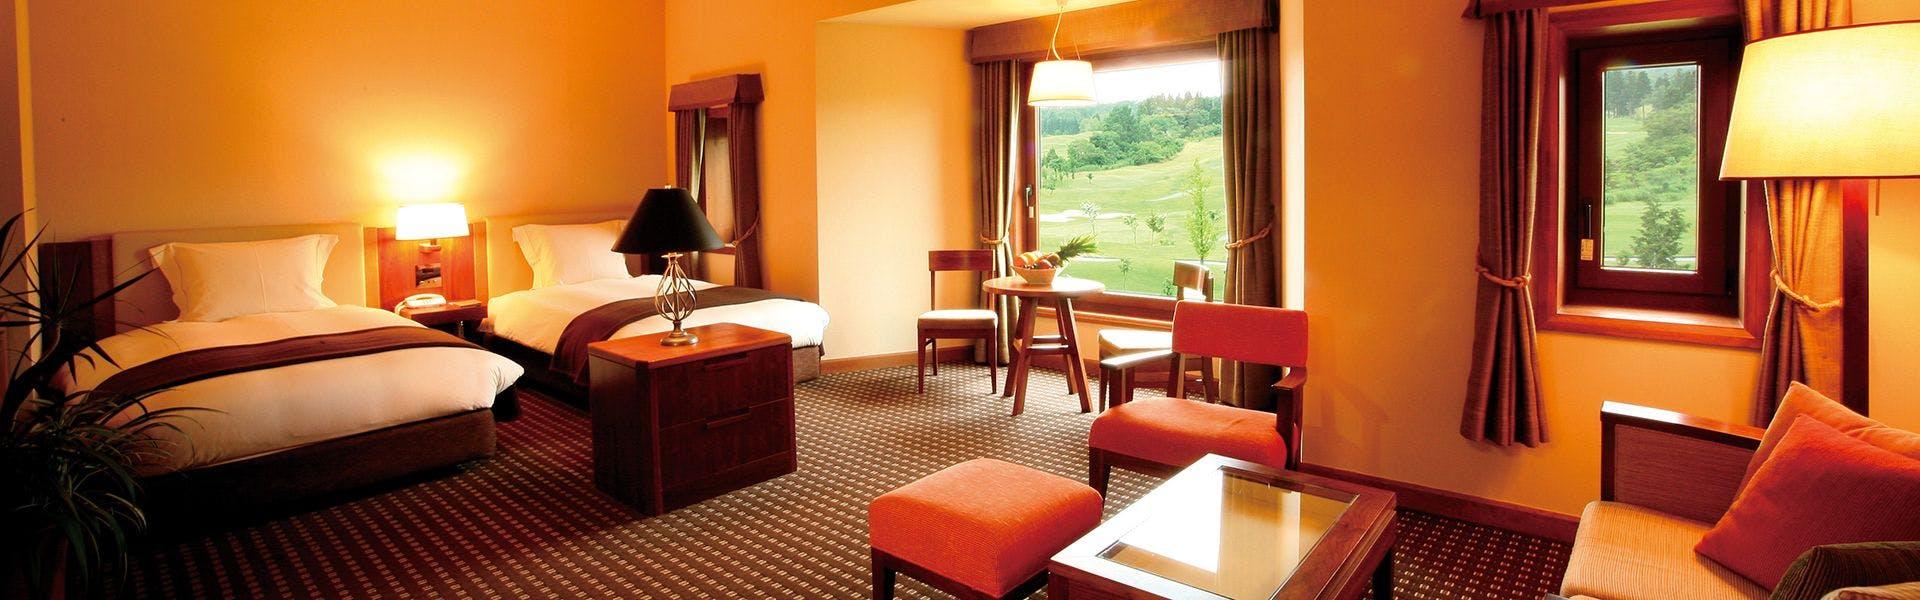 ホテル ベルナティオ客室